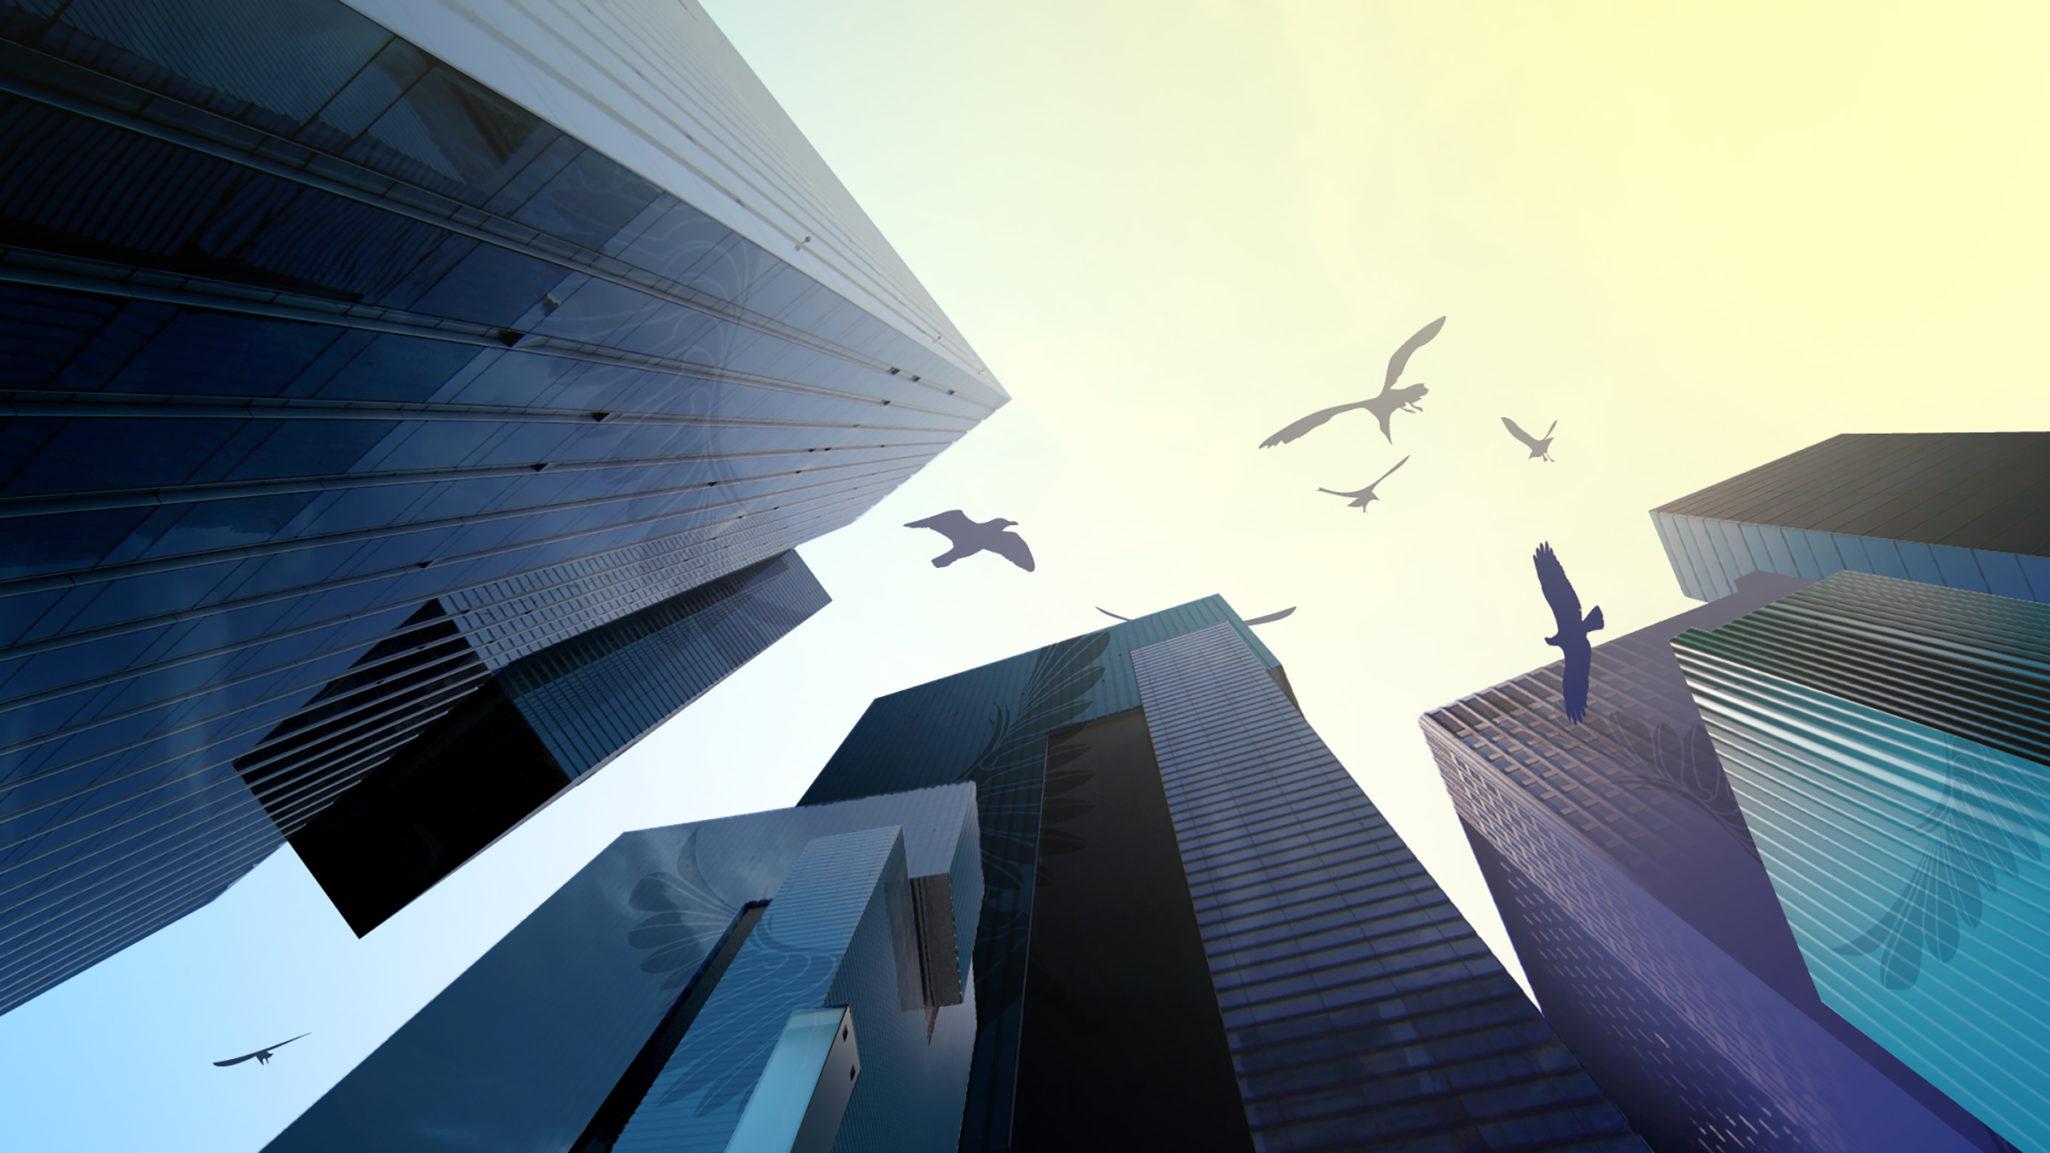 Styleframe: Birds between skyscrapers